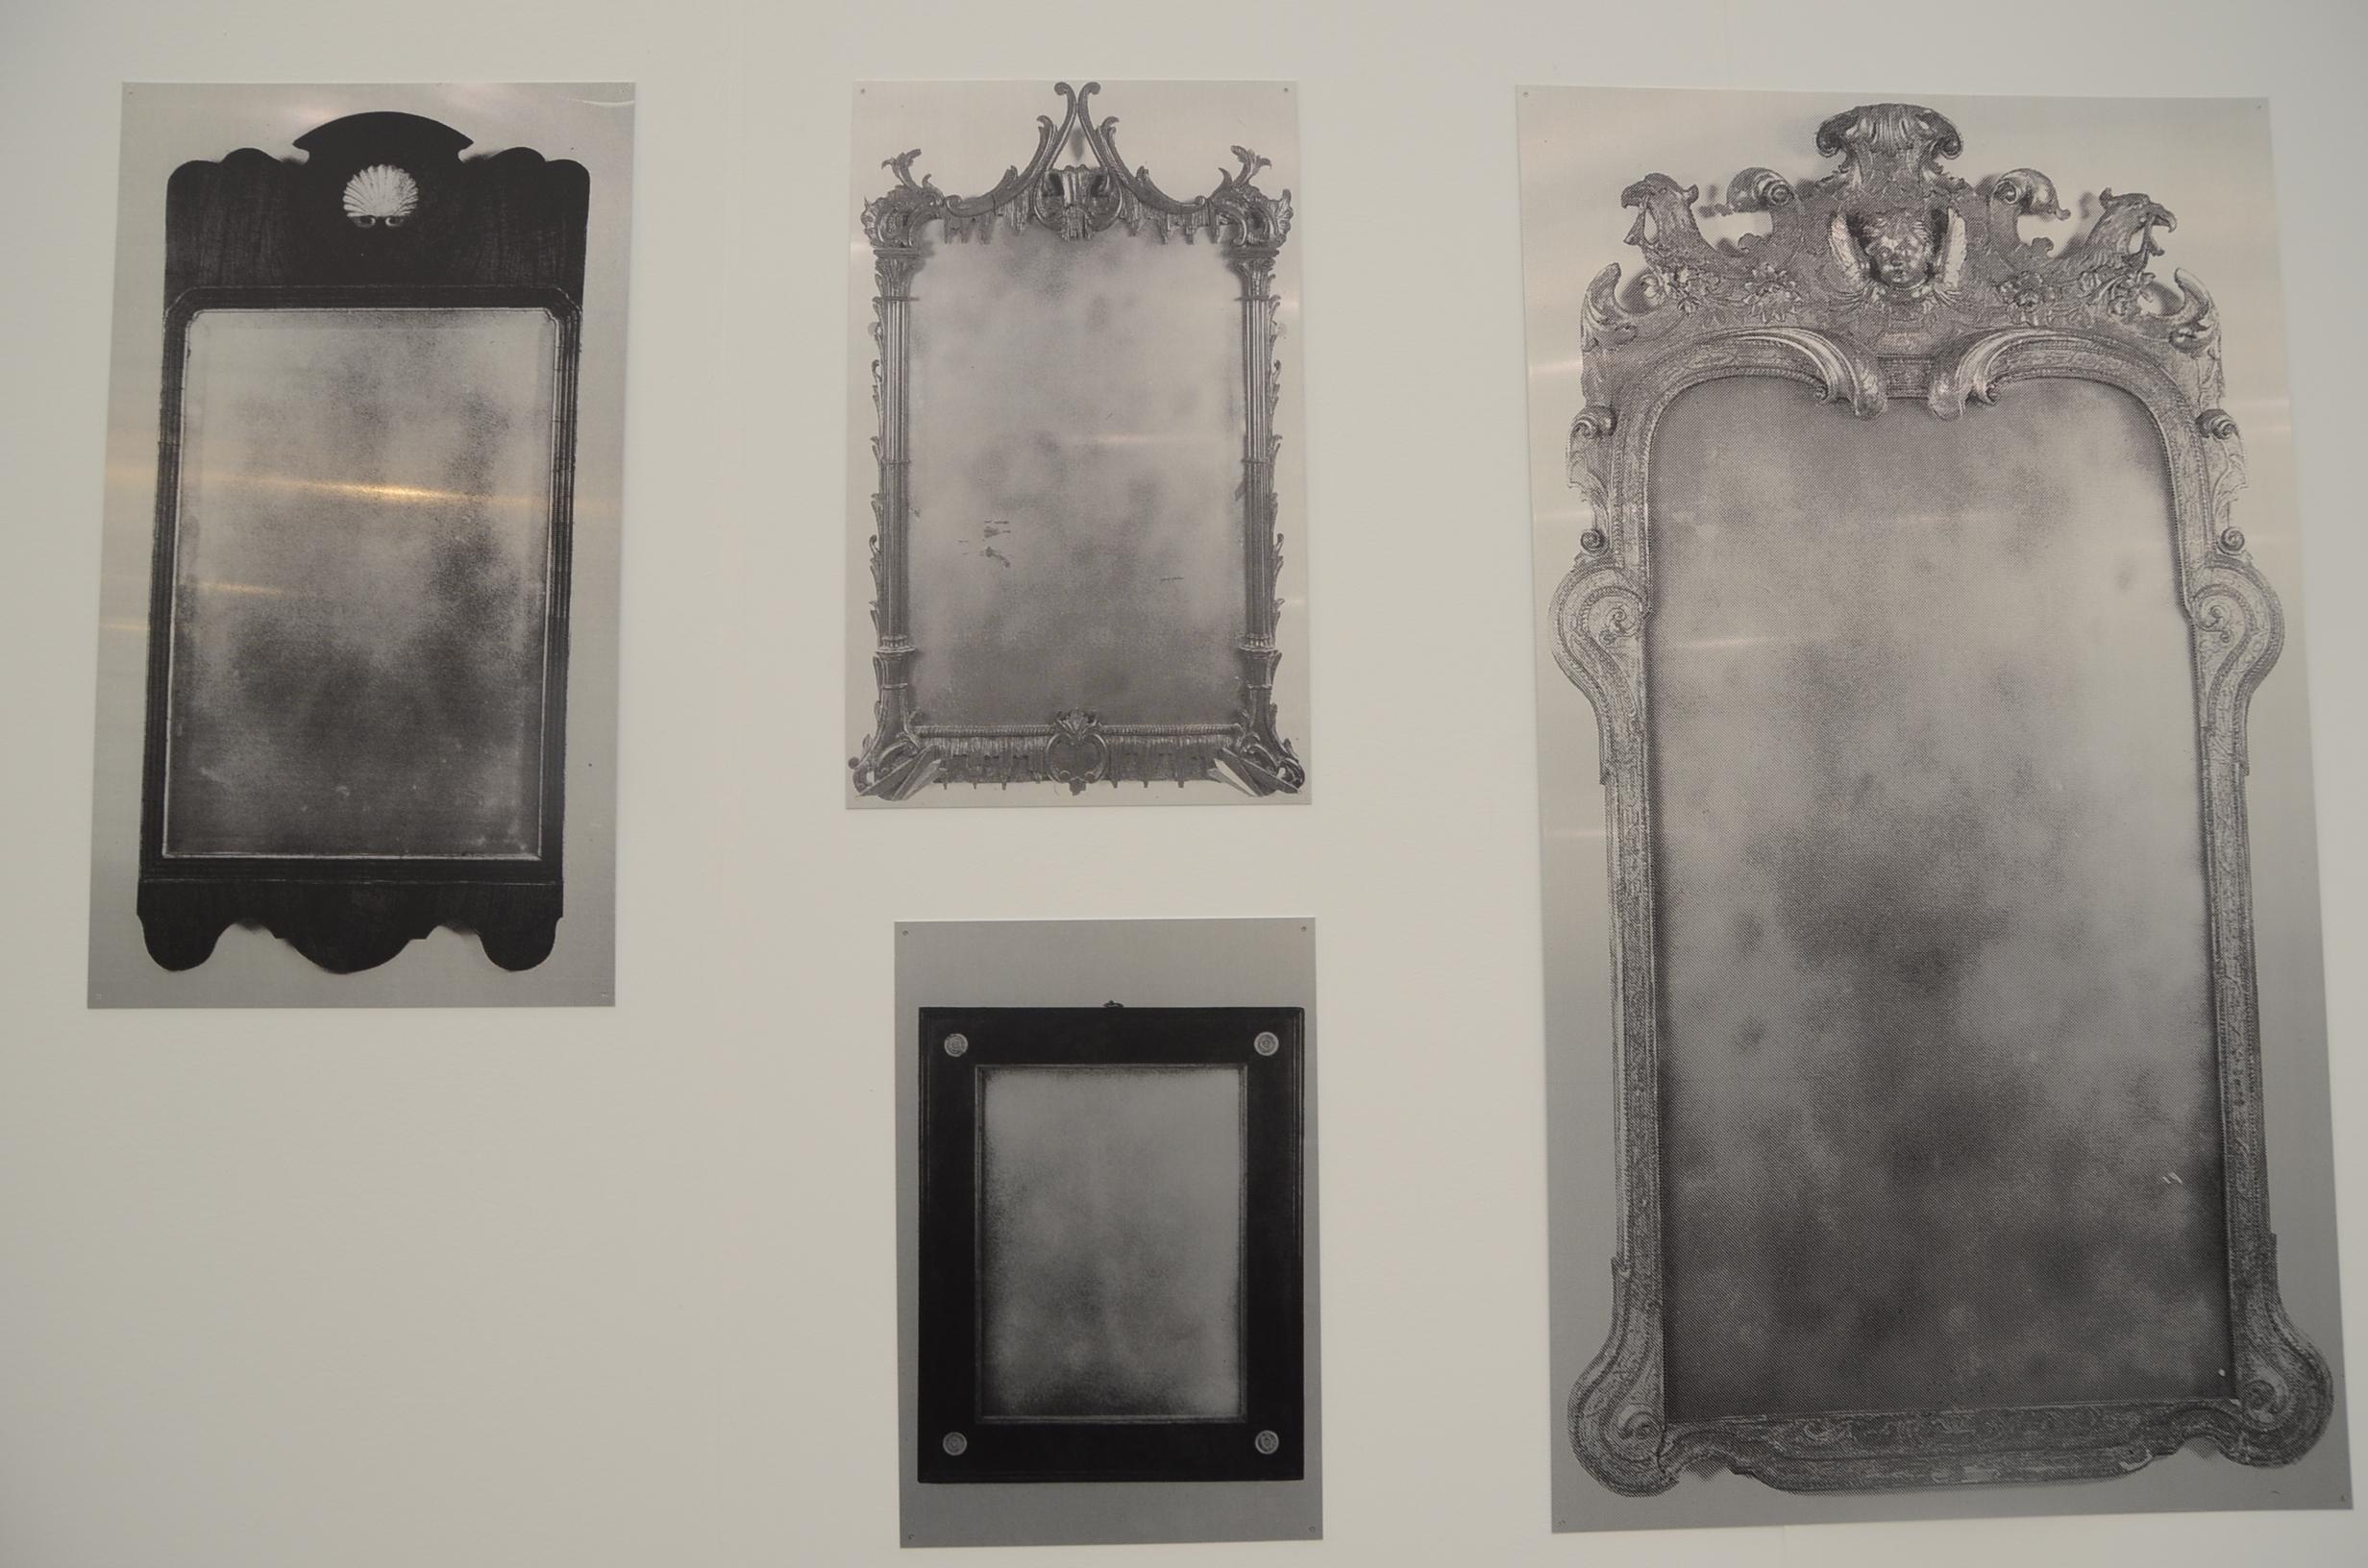 World Mirrors . Frieze New York, 2012.